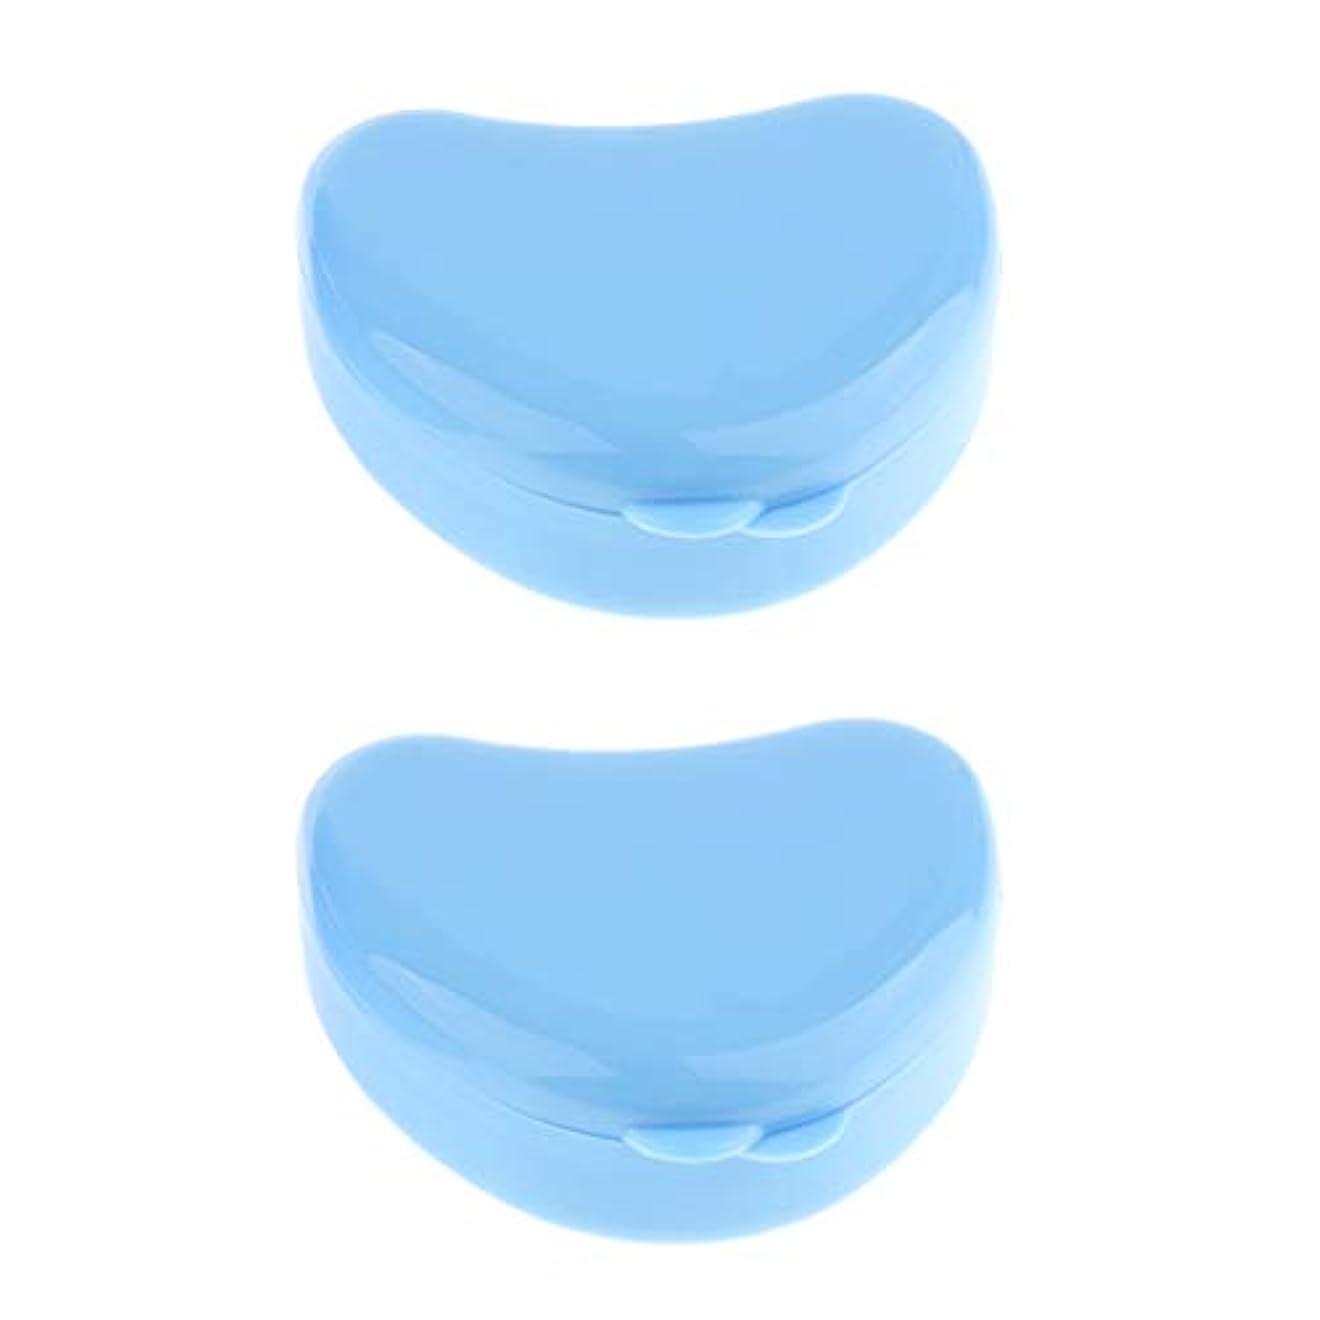 襲撃声を出してロマンチック義歯ケース 入れ歯収納 入れ歯ケース 歯収納ボックス ハート型 可愛い 軽量 携帯便利 全3色 - 青